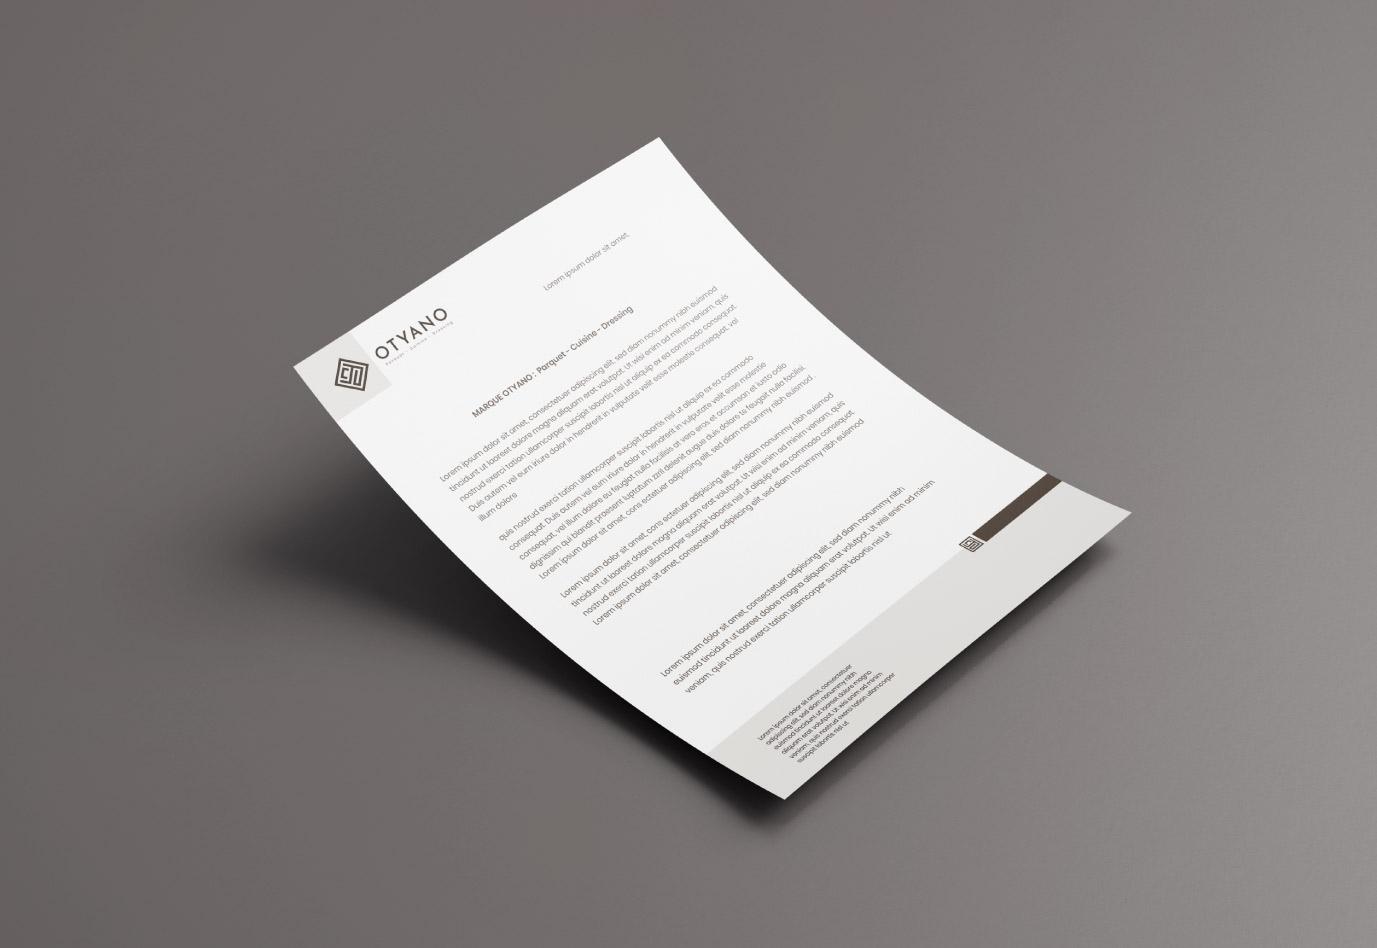 entete-otyano-agence de communication-vuenova